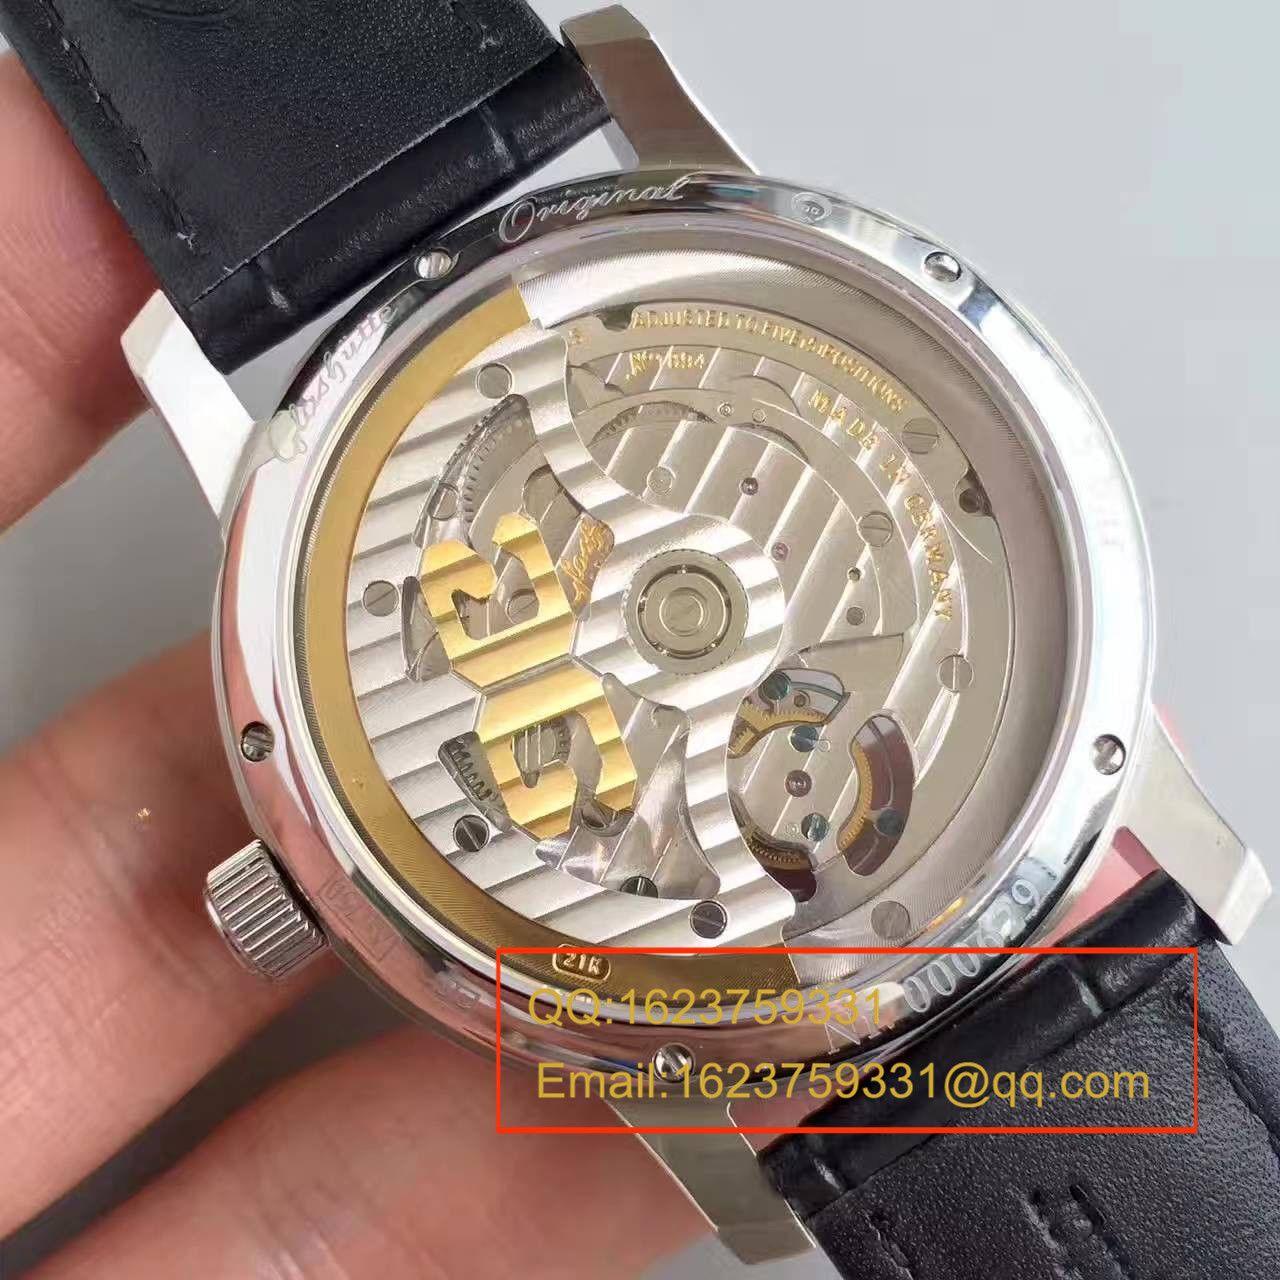 【TF厂顶级复刻手表】格拉苏蒂原创艺术与工艺系列1-94-03-04-04-04陀飞轮腕表 / GLACH040